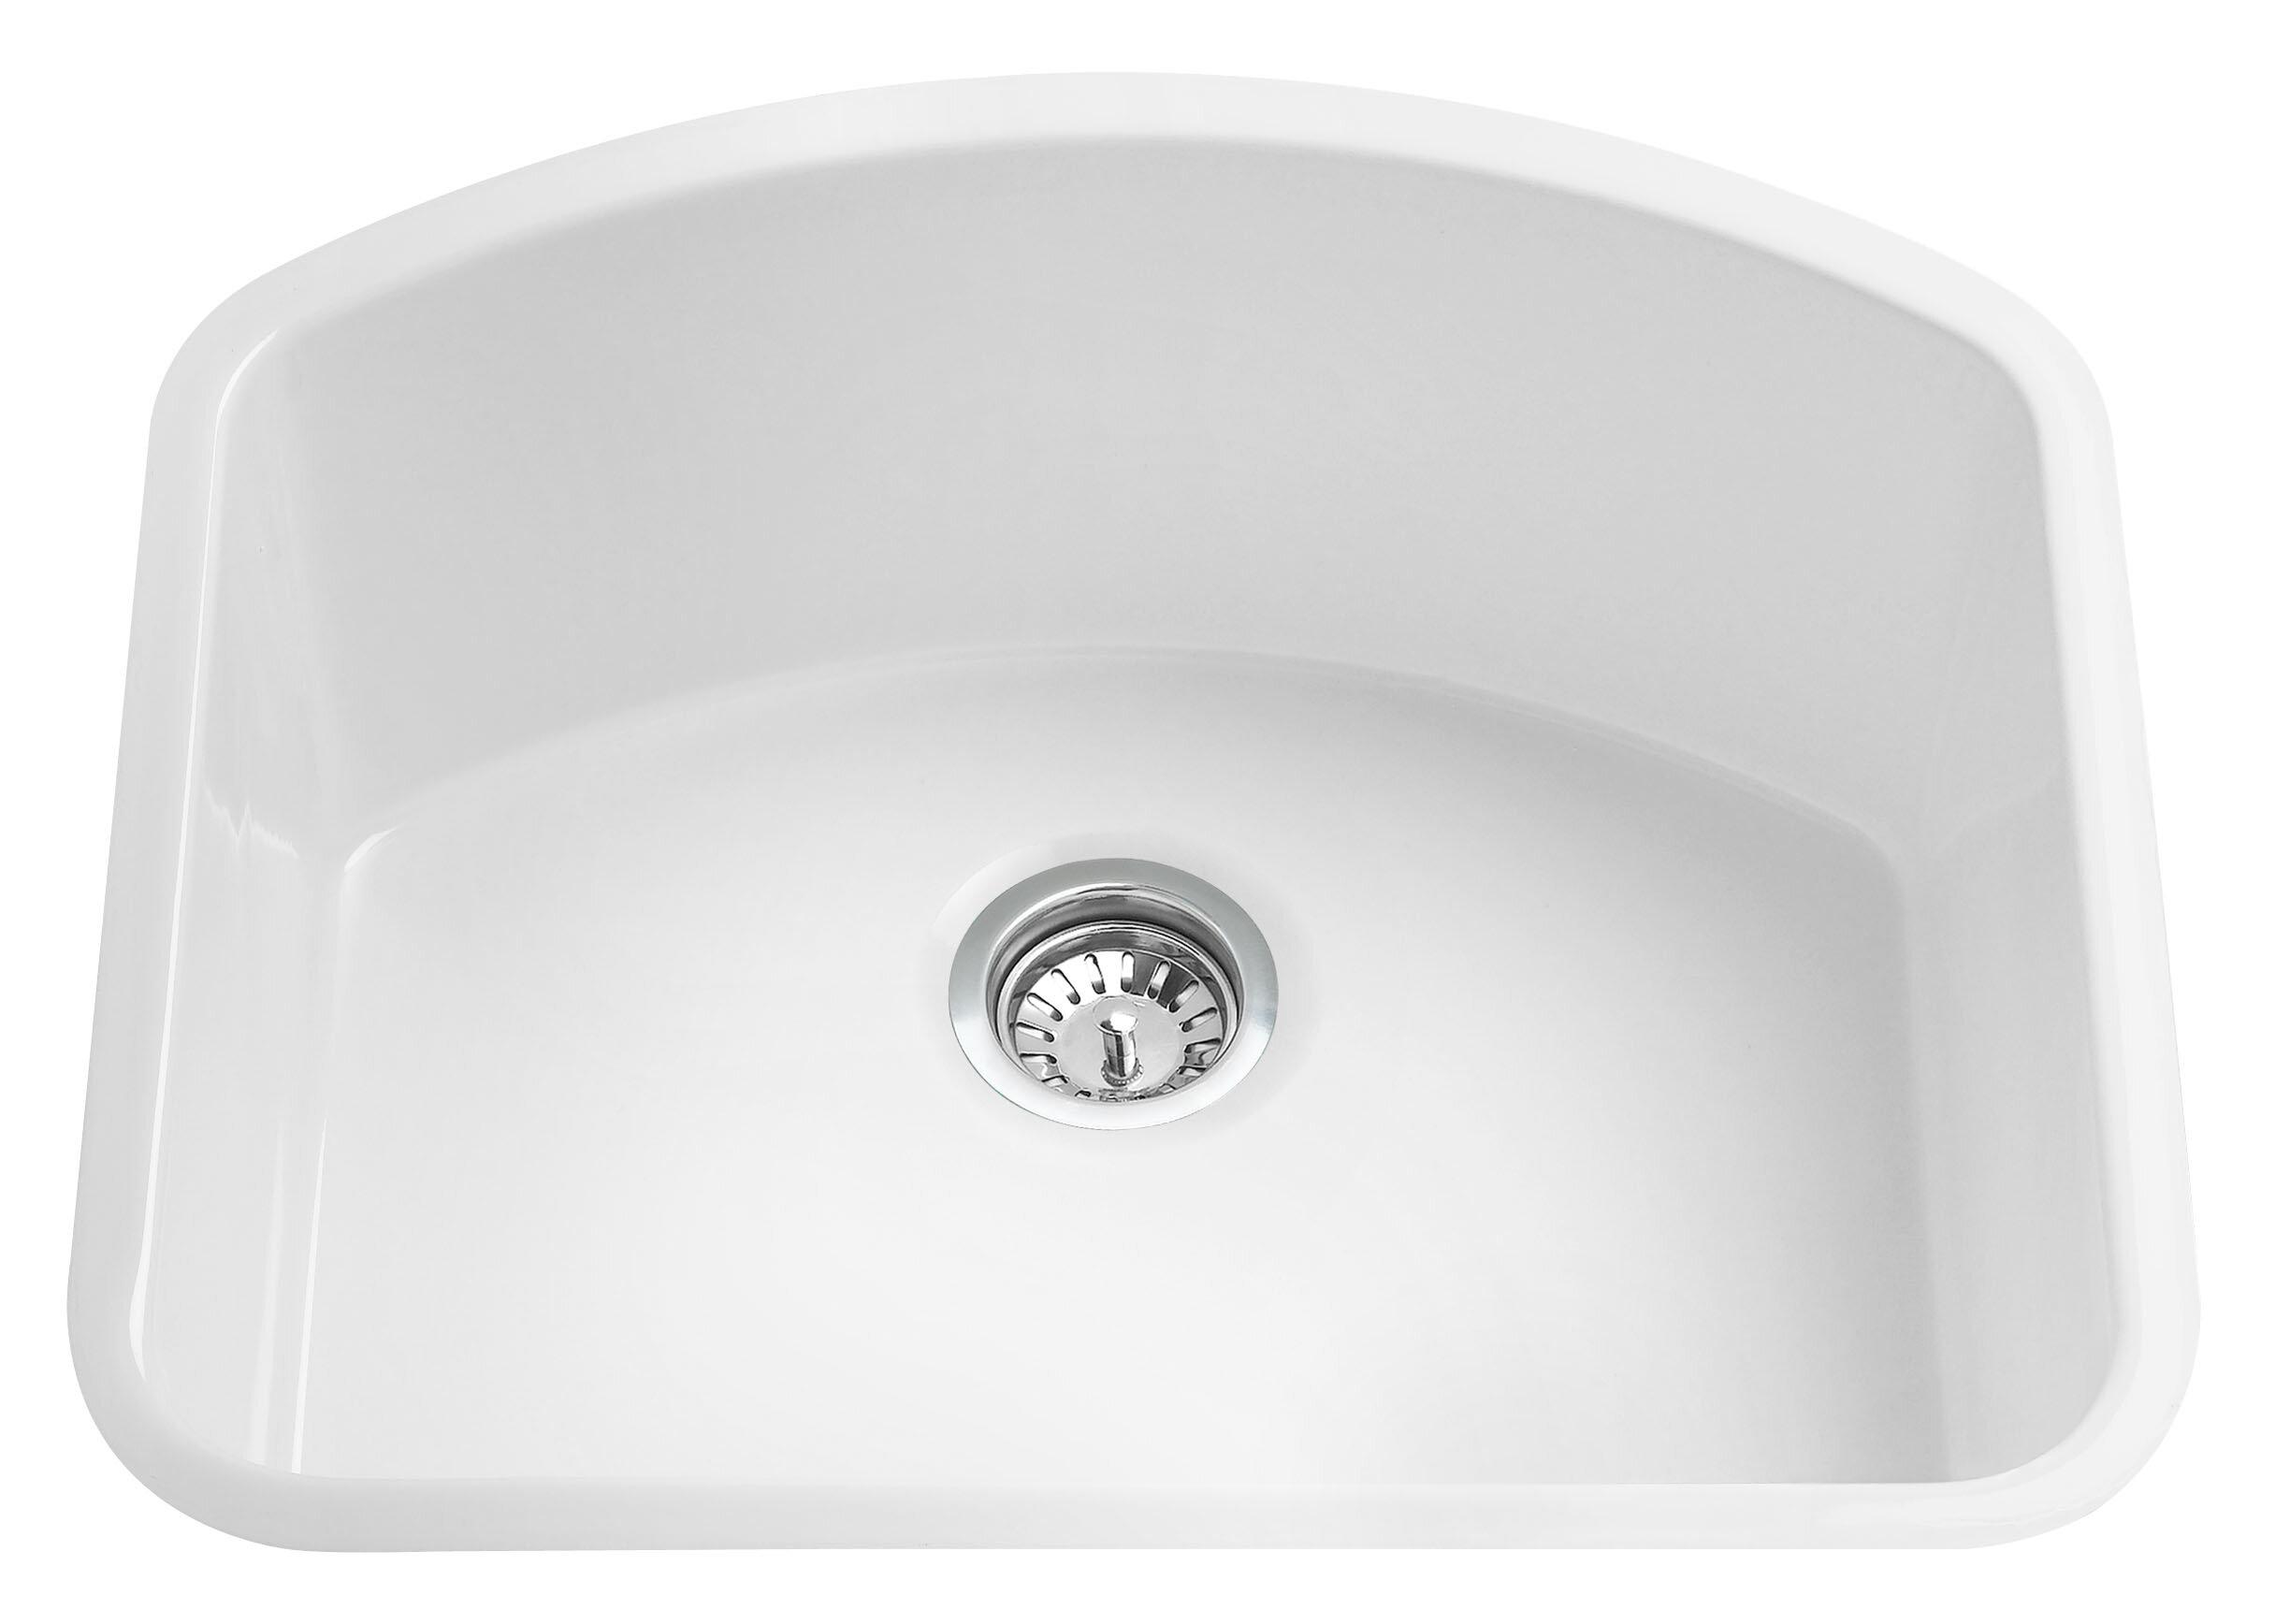 Alfi Brand 24 L X 21 W Undermount Kitchen Sink